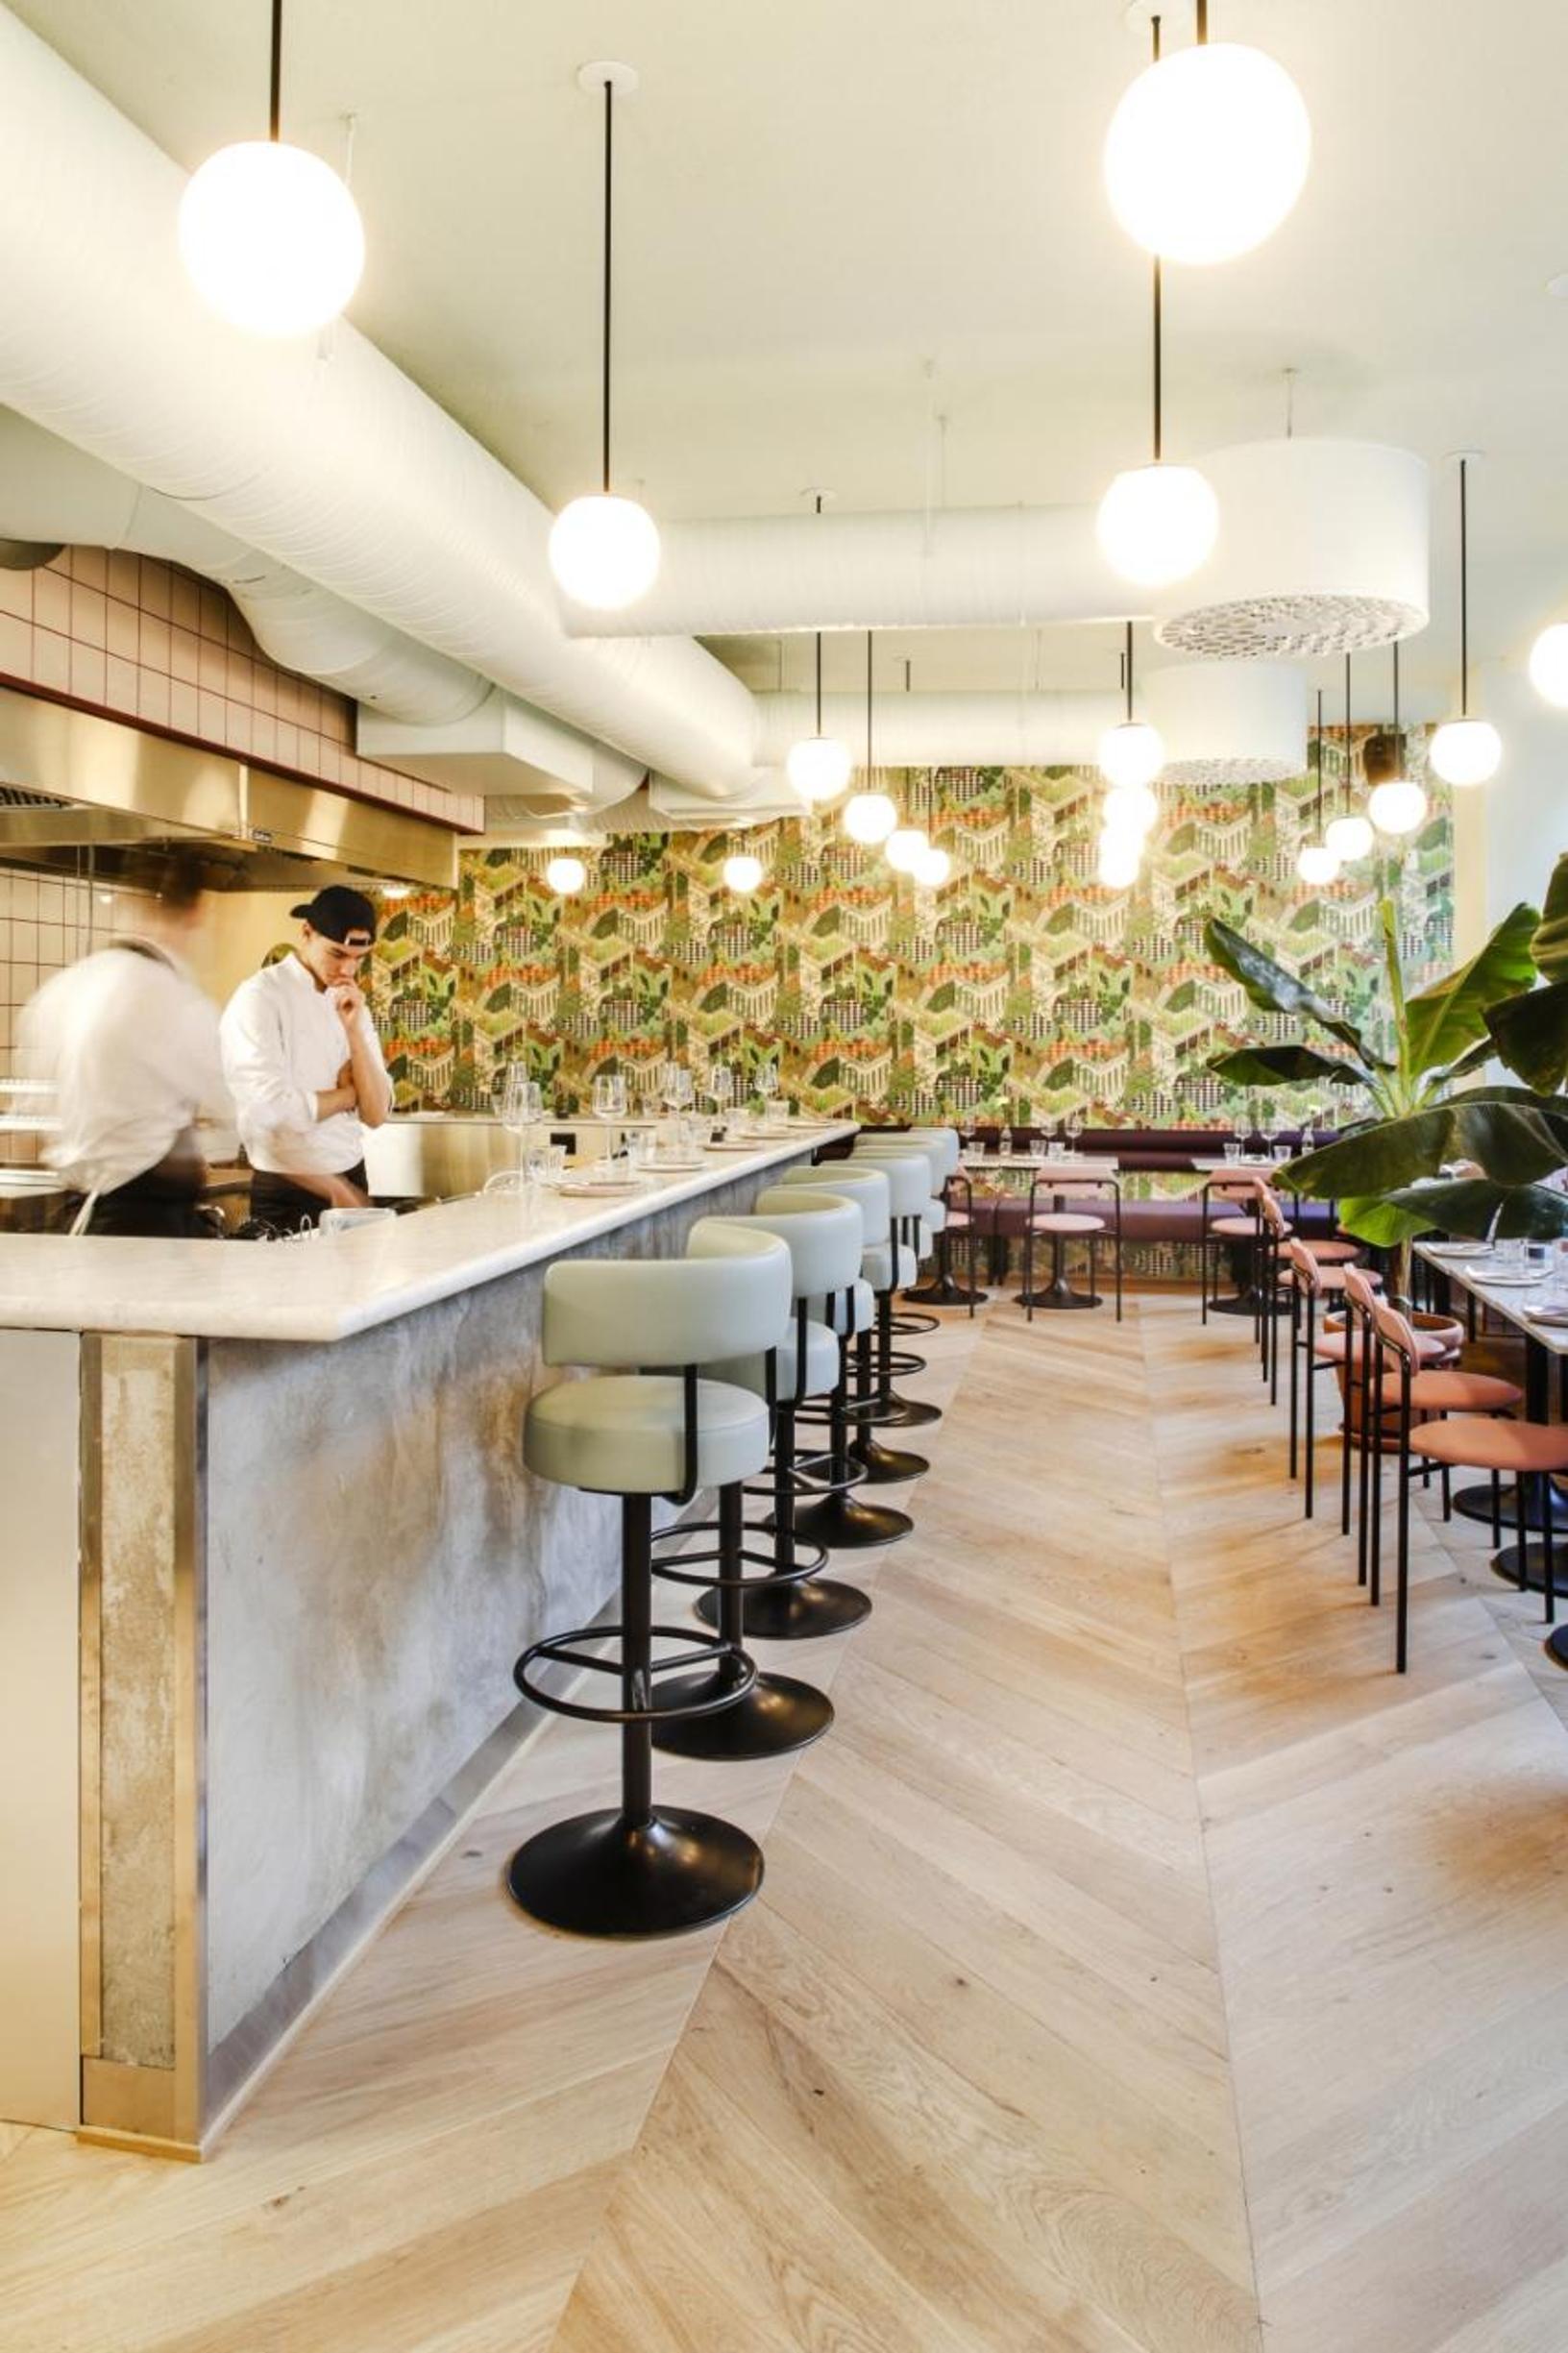 Helsingin Uudet Ravintolat